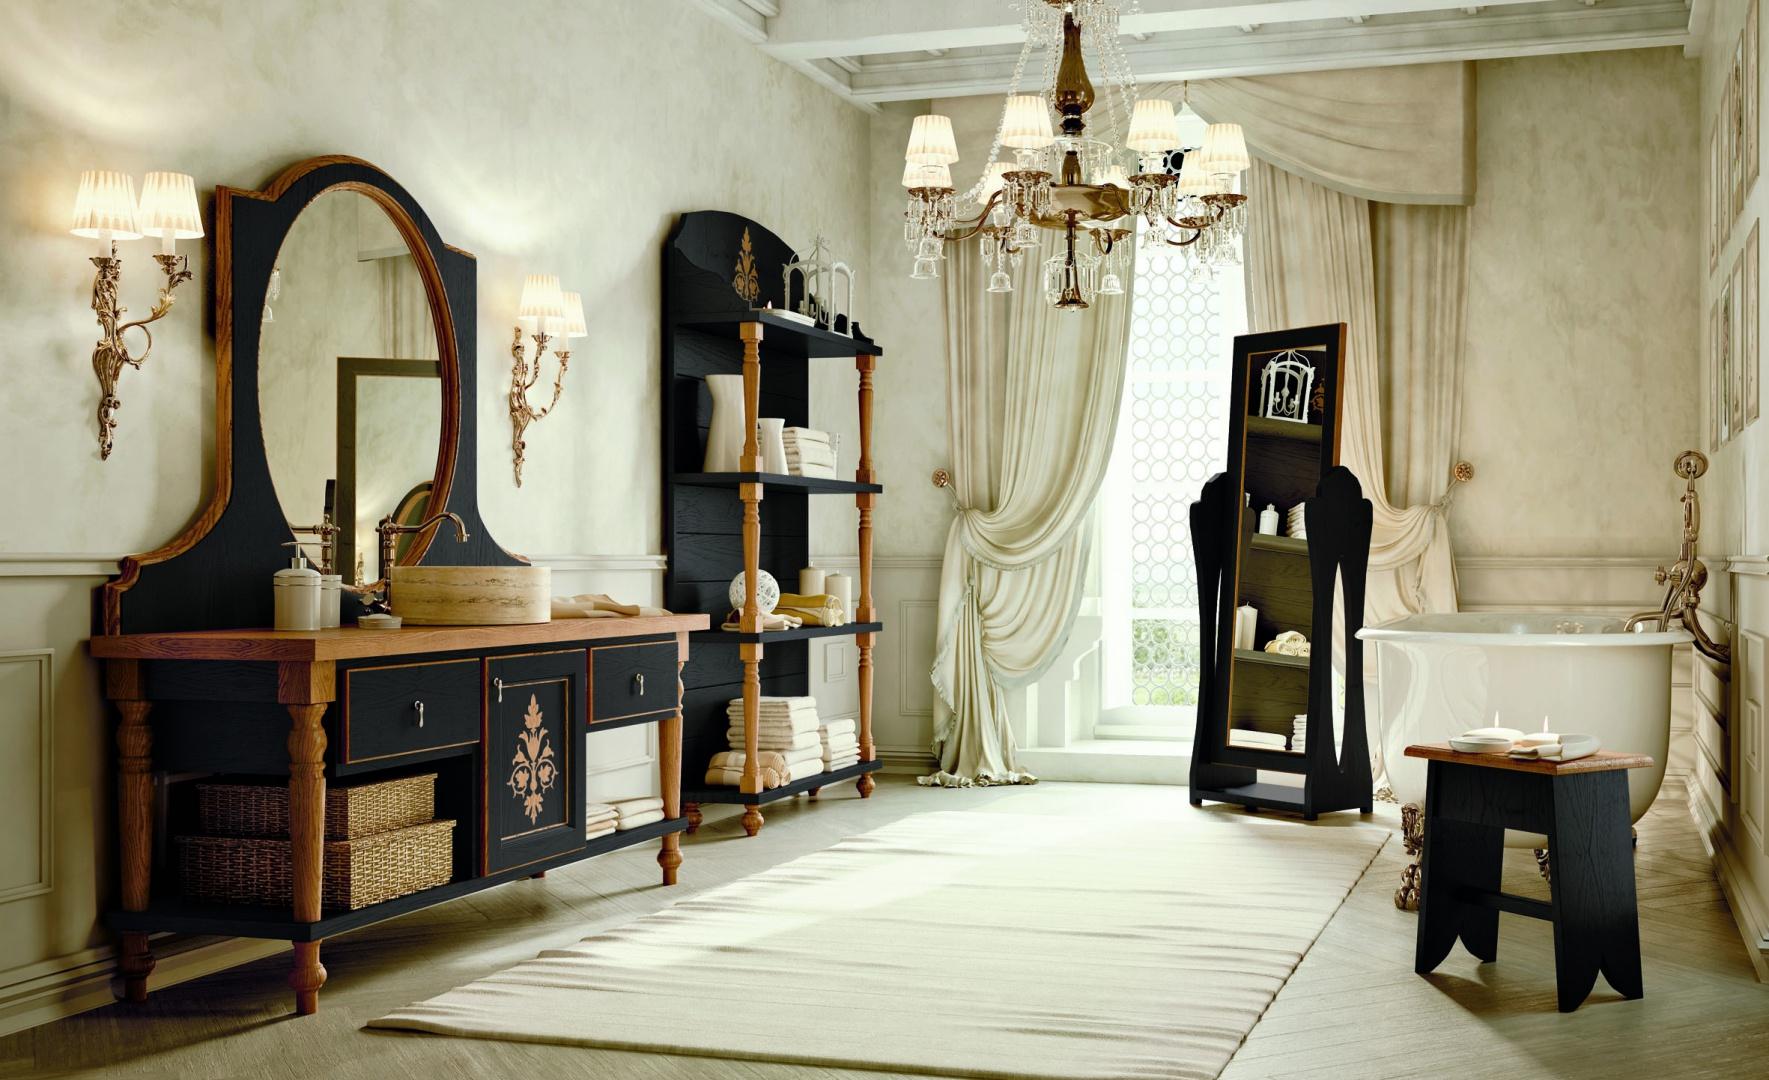 Czarne meble łazienkowe z kolekcji Savino marki Zappalorto to renesans bogato zdobionych form w całkiem nowoczesnej odsłonie. Fot. Zappalorto.